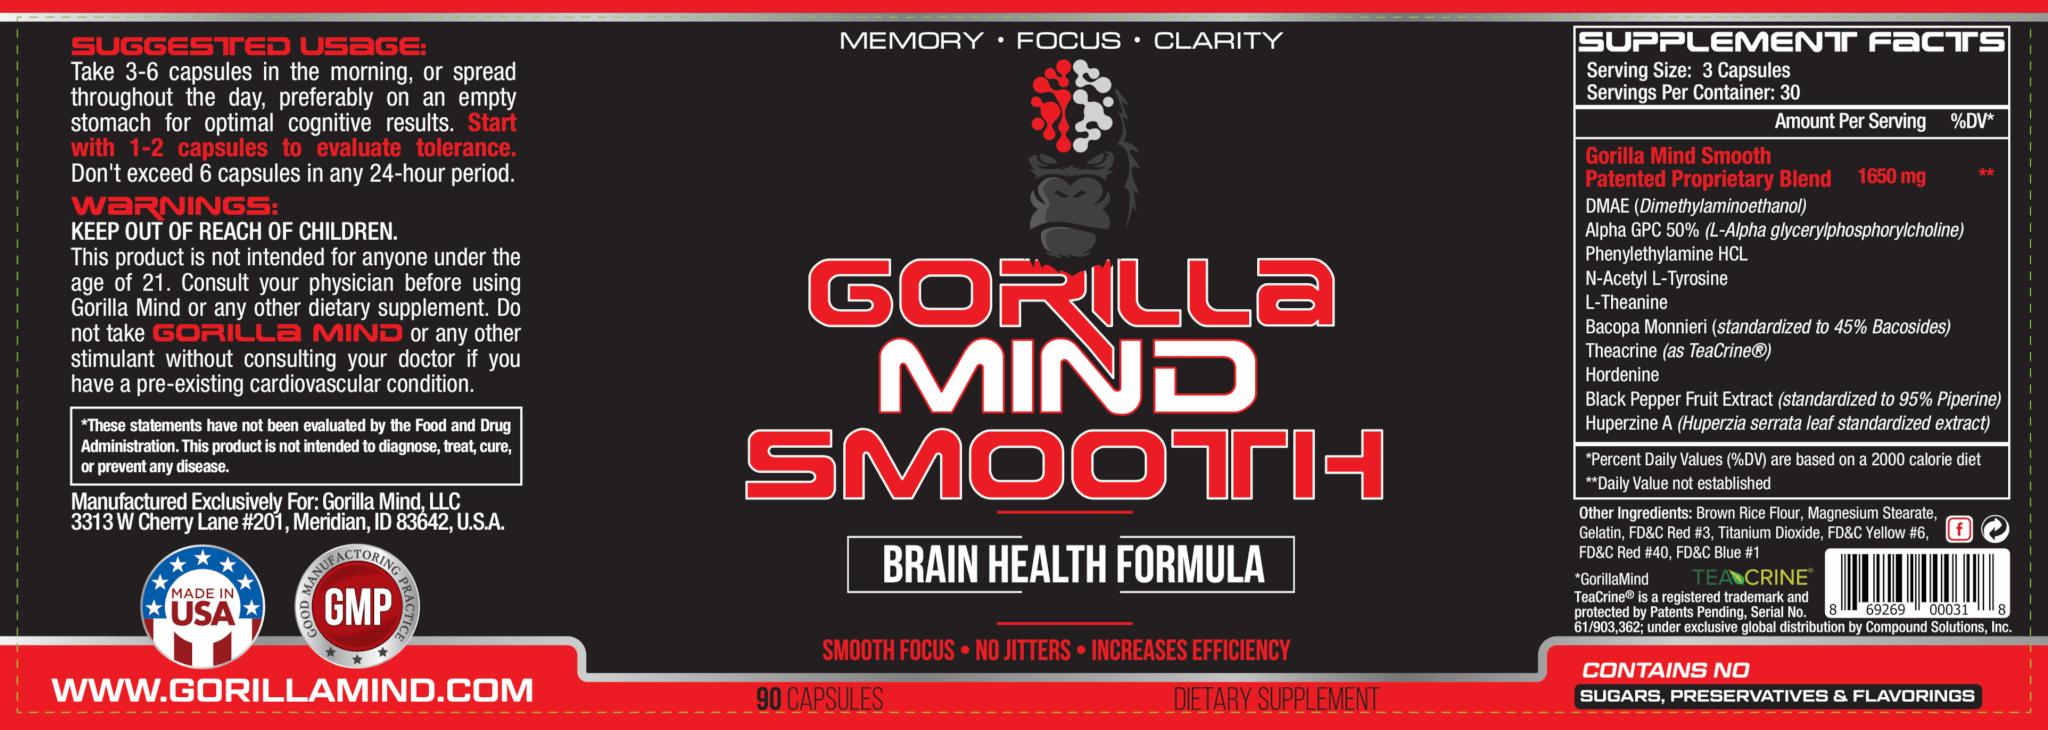 Gorilla Mind Smooth Label